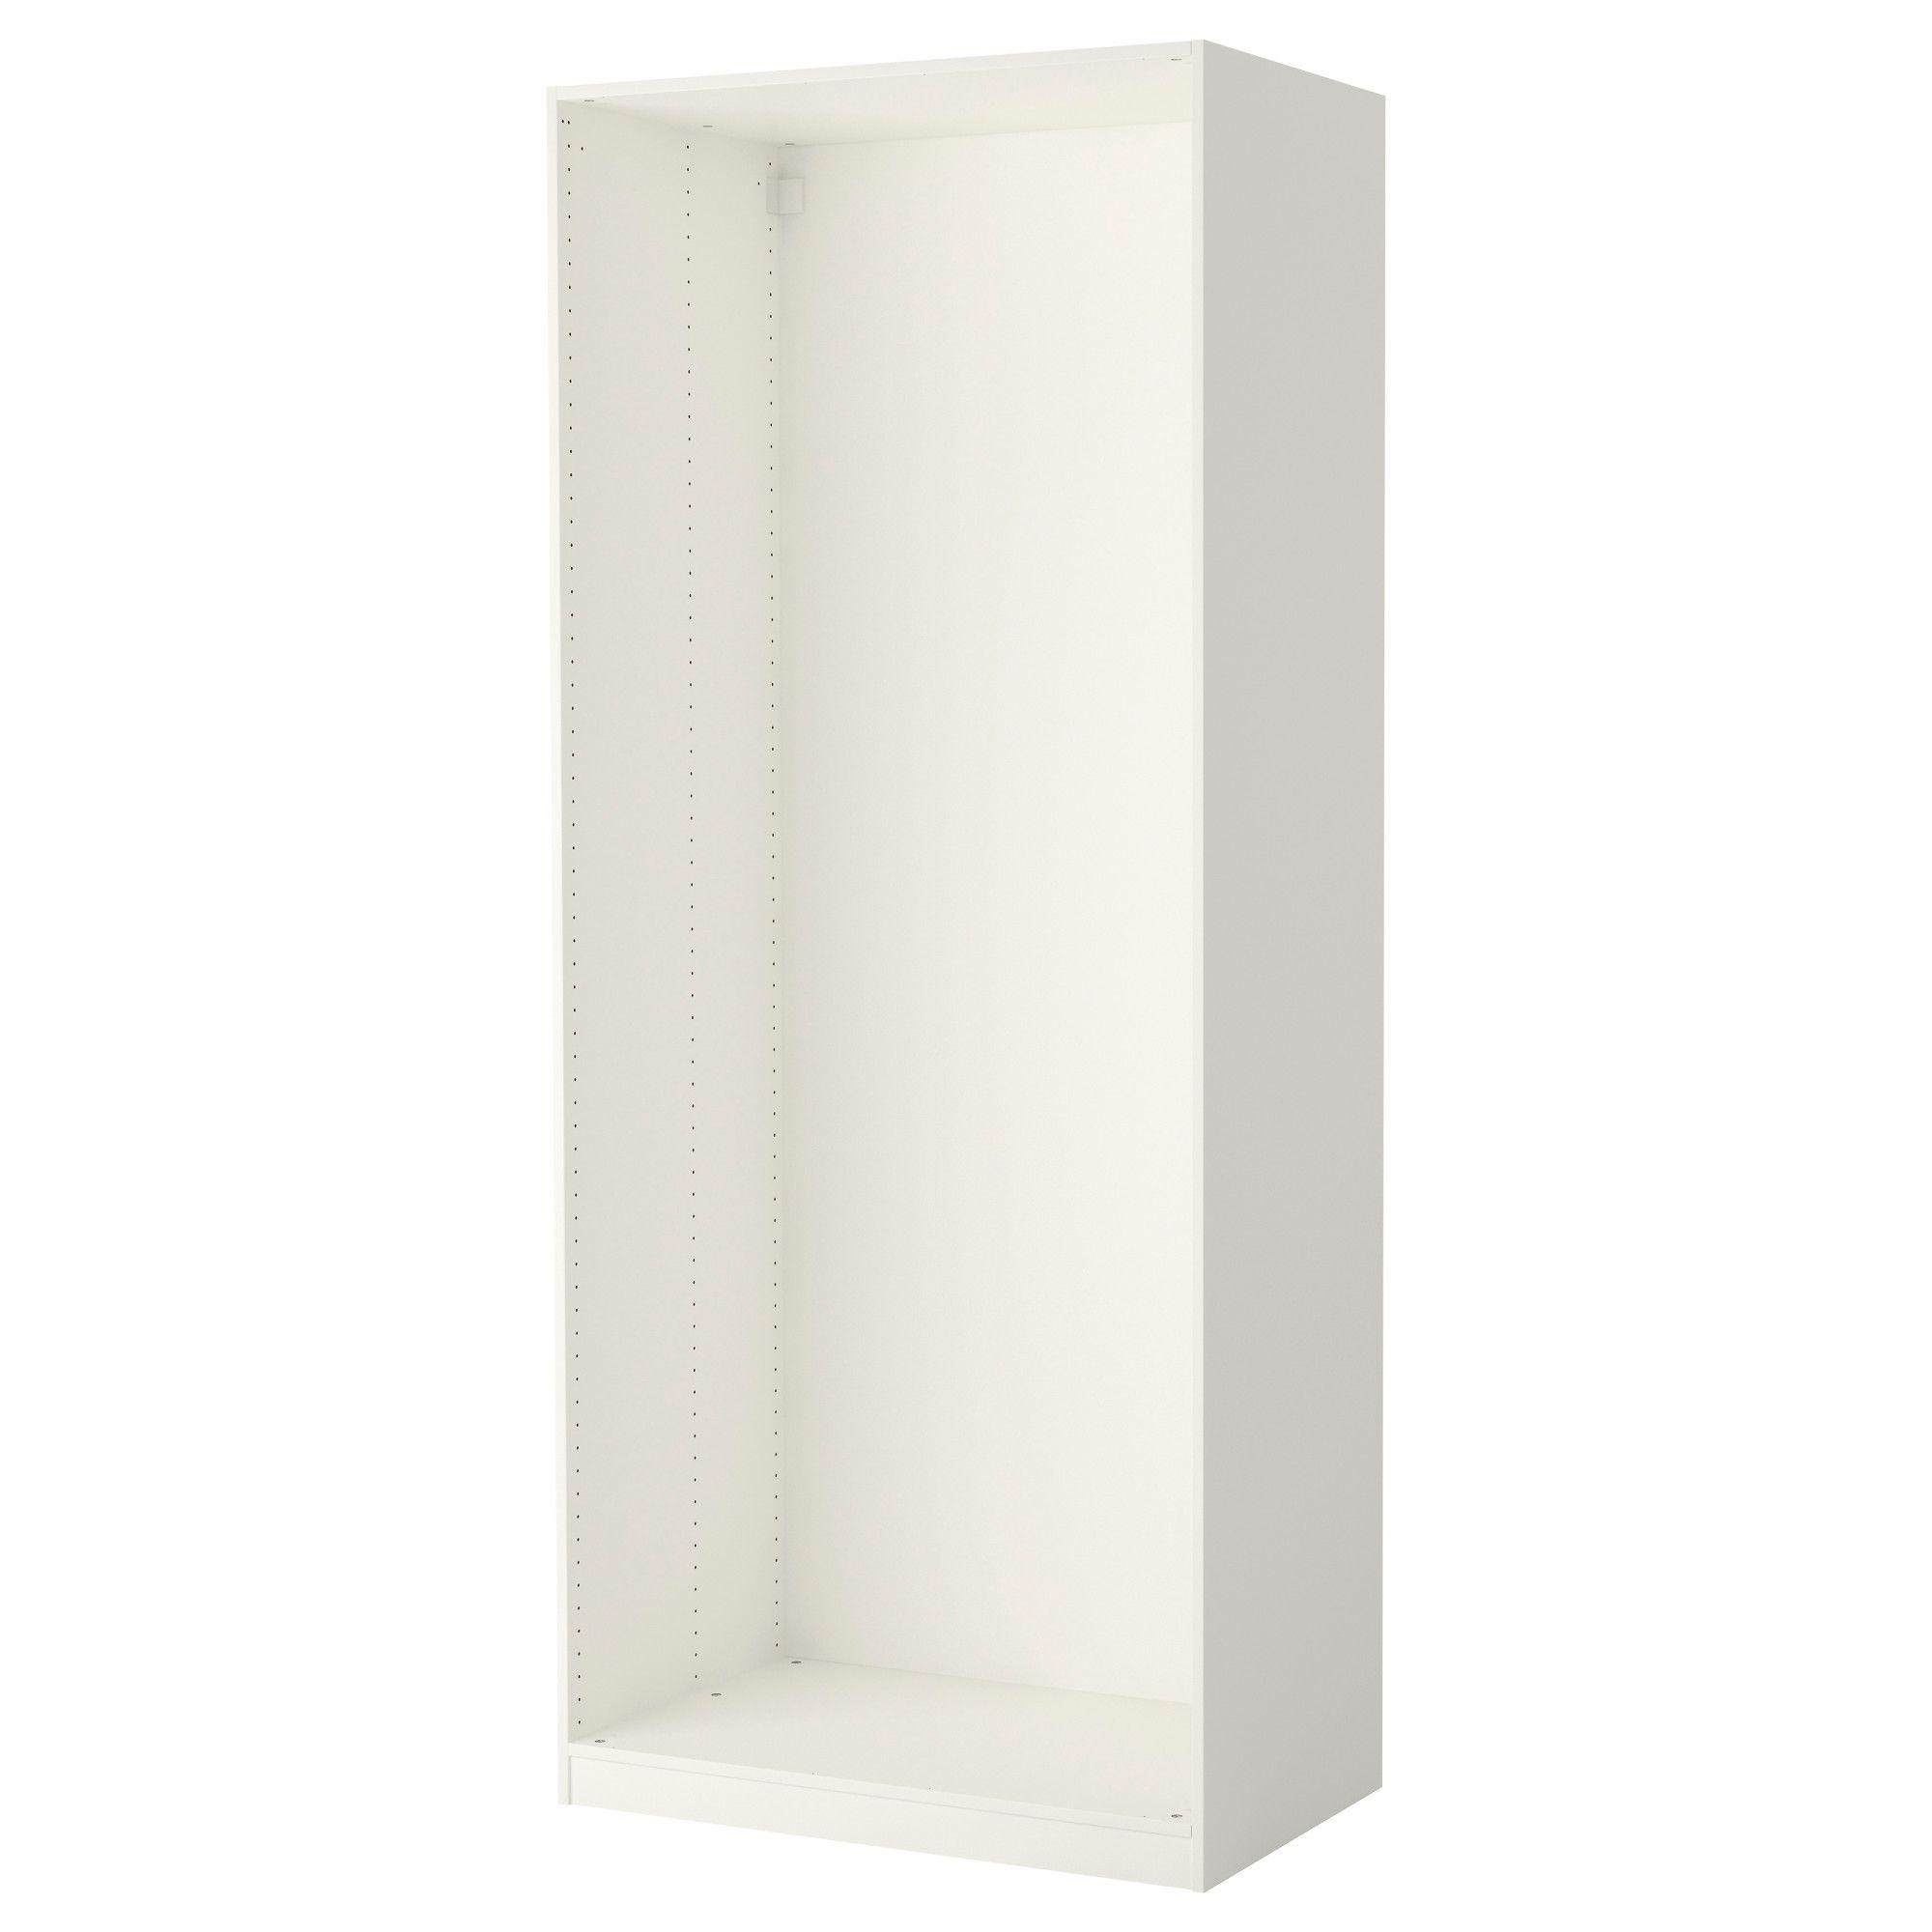 Pax Caisson D'Armoire - Blanc 100X58X236 Cm | Armoire ... intérieur Caisson Pax Ikea 100X58X236